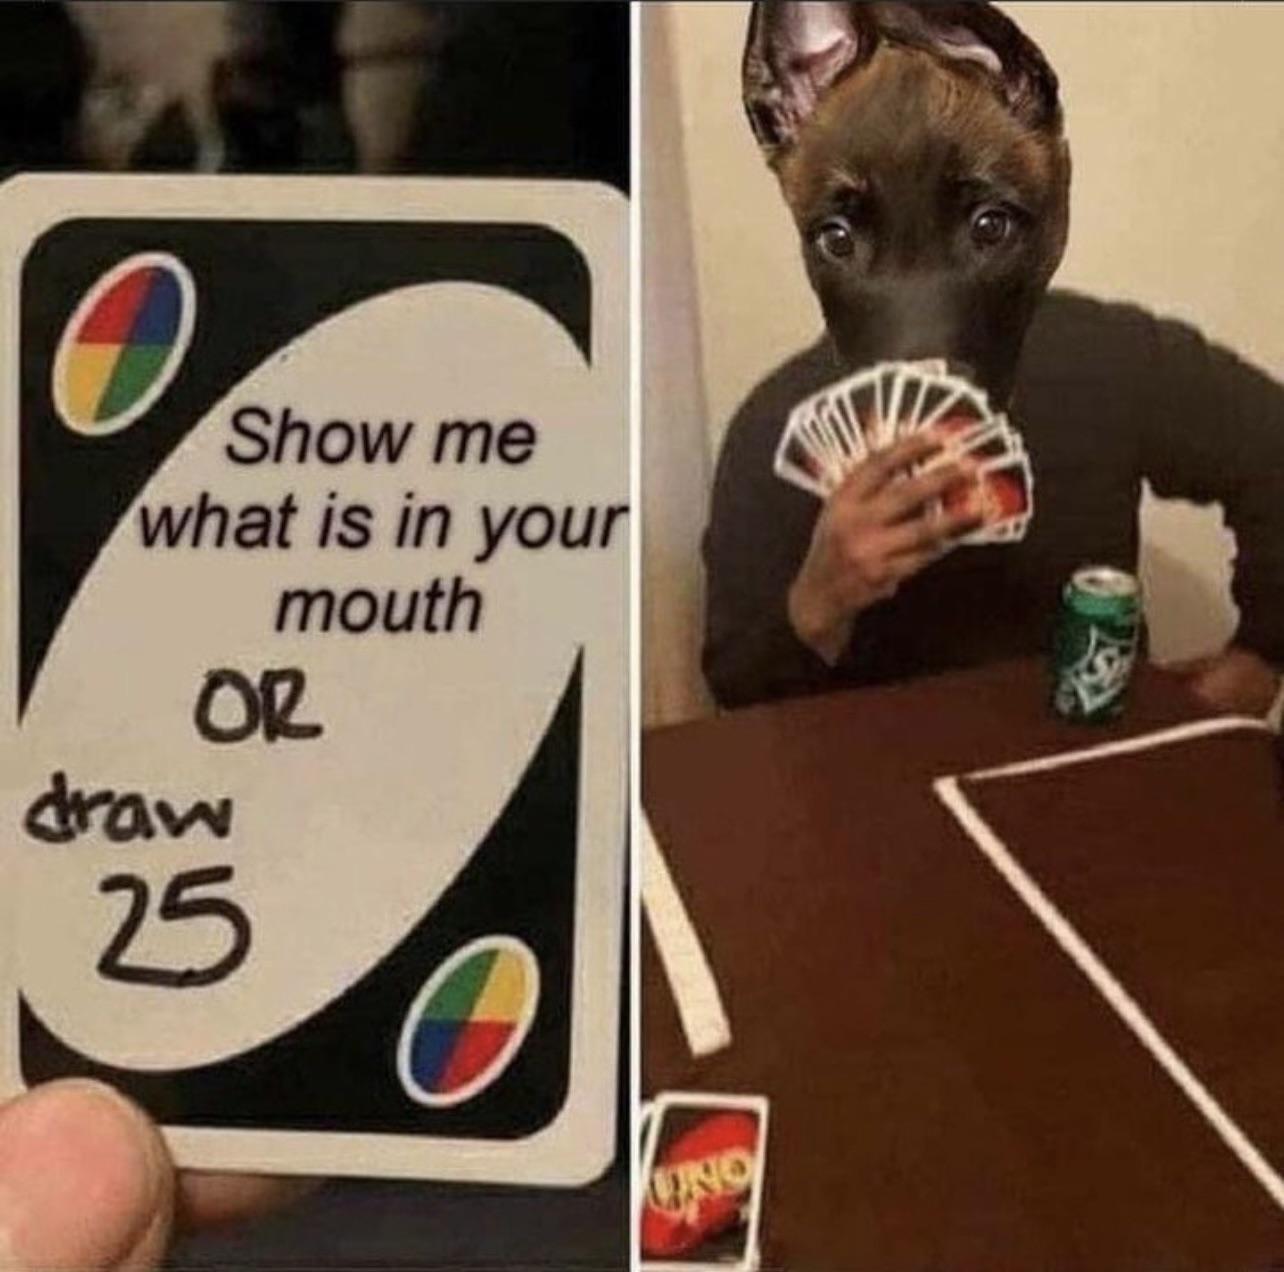 doggo won't show u - meme